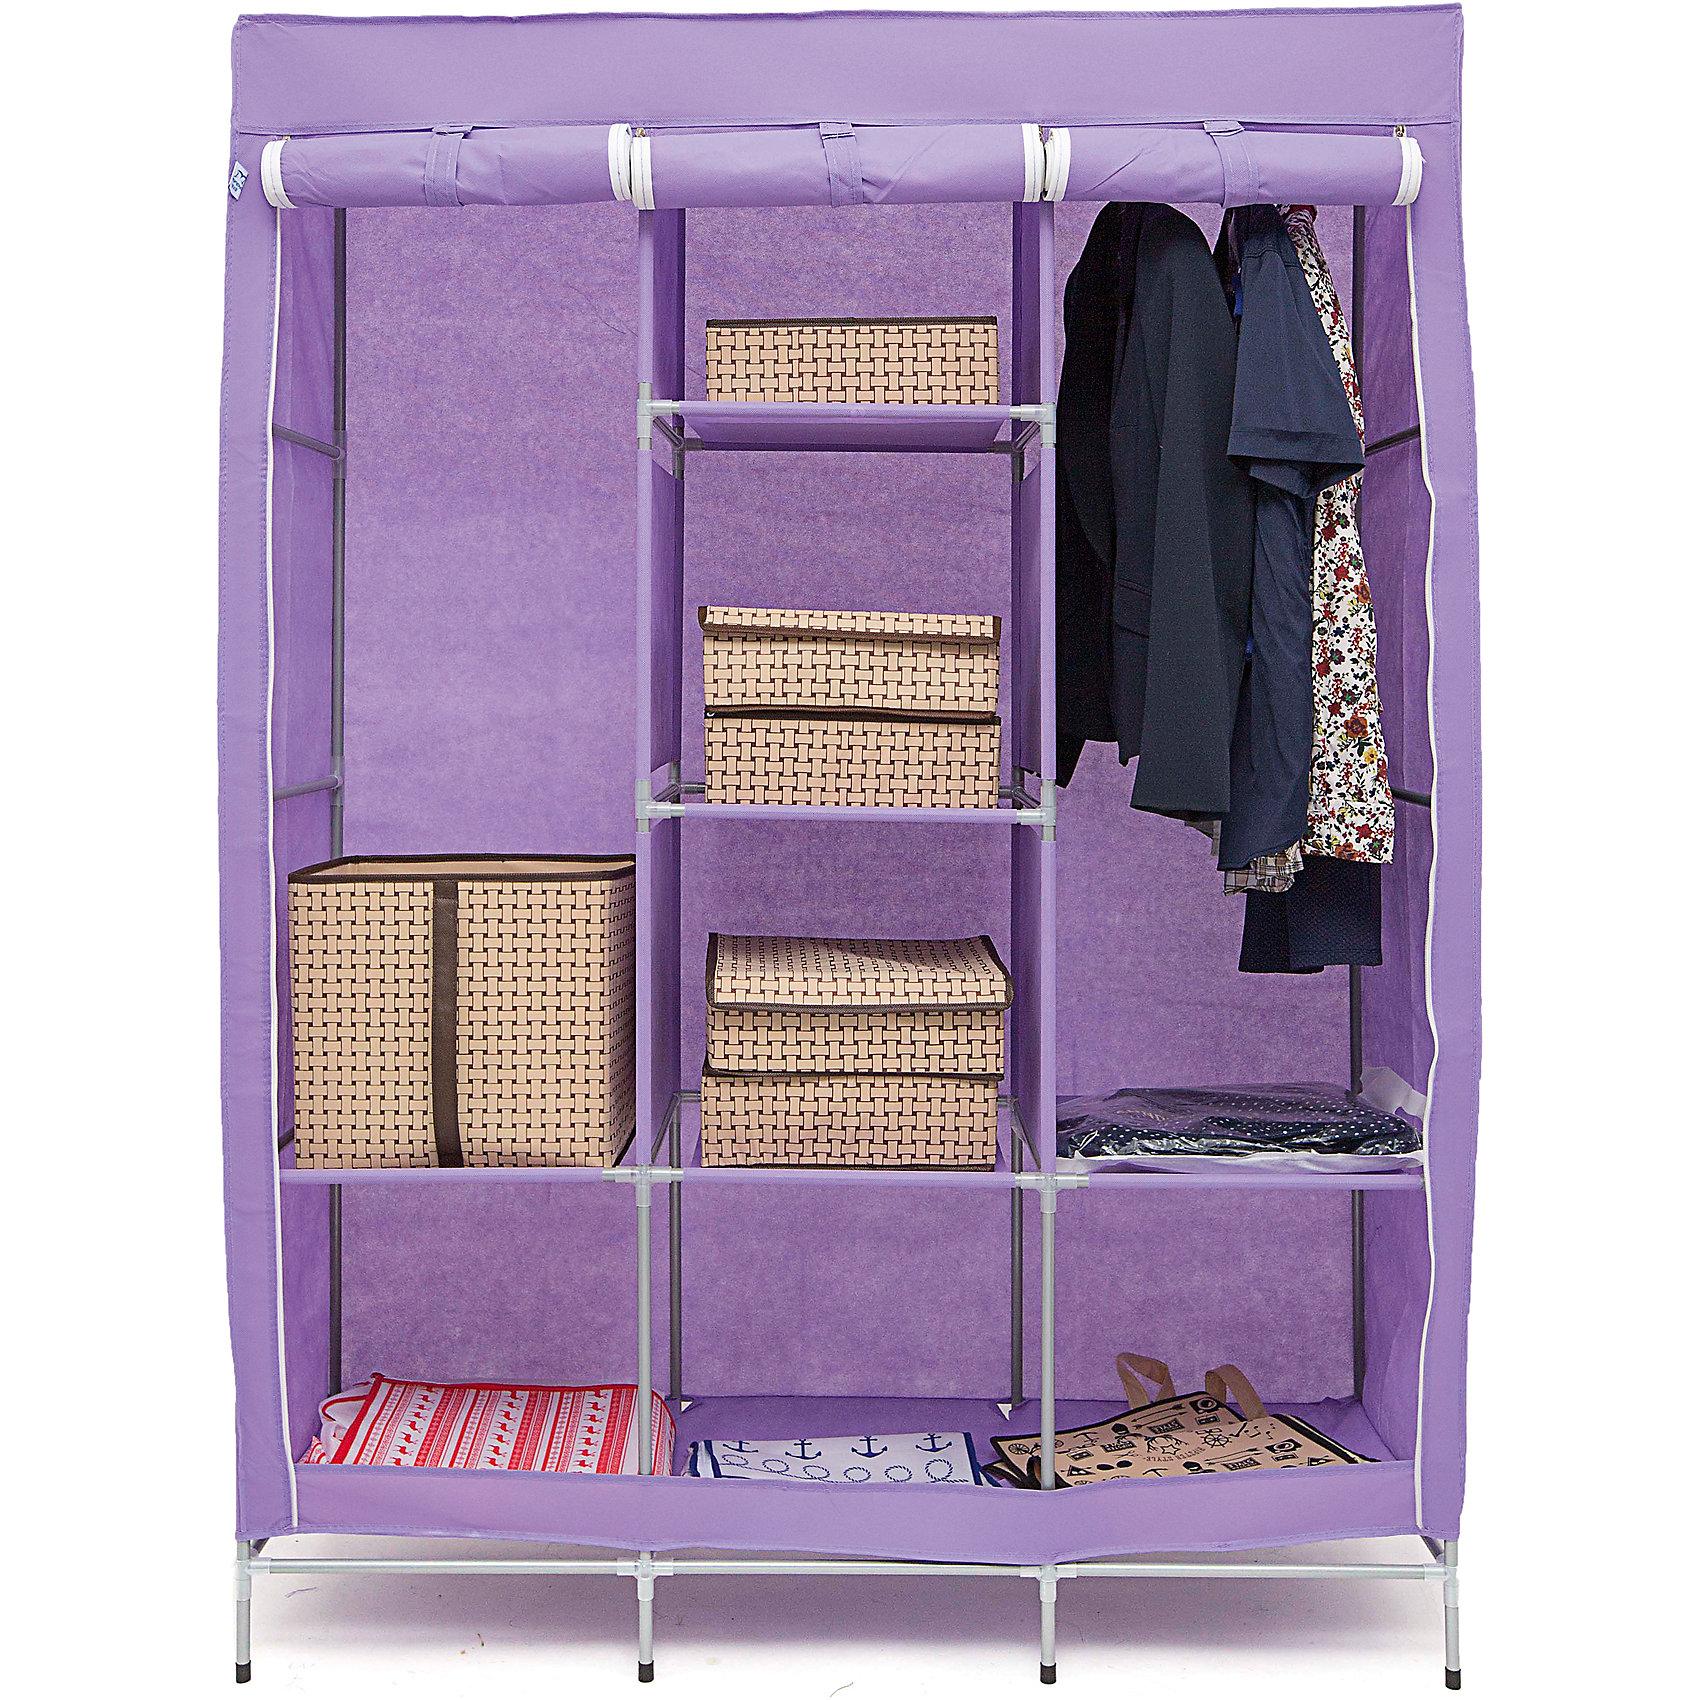 Тканевый шкаф Онтарио, Homsu, фиолетовыйПорядок в детской<br>Этот большой тканевый шкаф будет максимально практичным и удобным помощником в создании полноценного порядка благодаря 6 полкам для складывания одежды 40Х45см и двум отделениям для подвешивания одежды. Сборная конструкция такого шкафа состоит из металлических деталей каркаса, обтянутых сверху прочной и лёгкой тканью.<br><br>Ширина мм: 600<br>Глубина мм: 350<br>Высота мм: 100<br>Вес г: 4500<br>Возраст от месяцев: 216<br>Возраст до месяцев: 1188<br>Пол: Унисекс<br>Возраст: Детский<br>SKU: 5620250